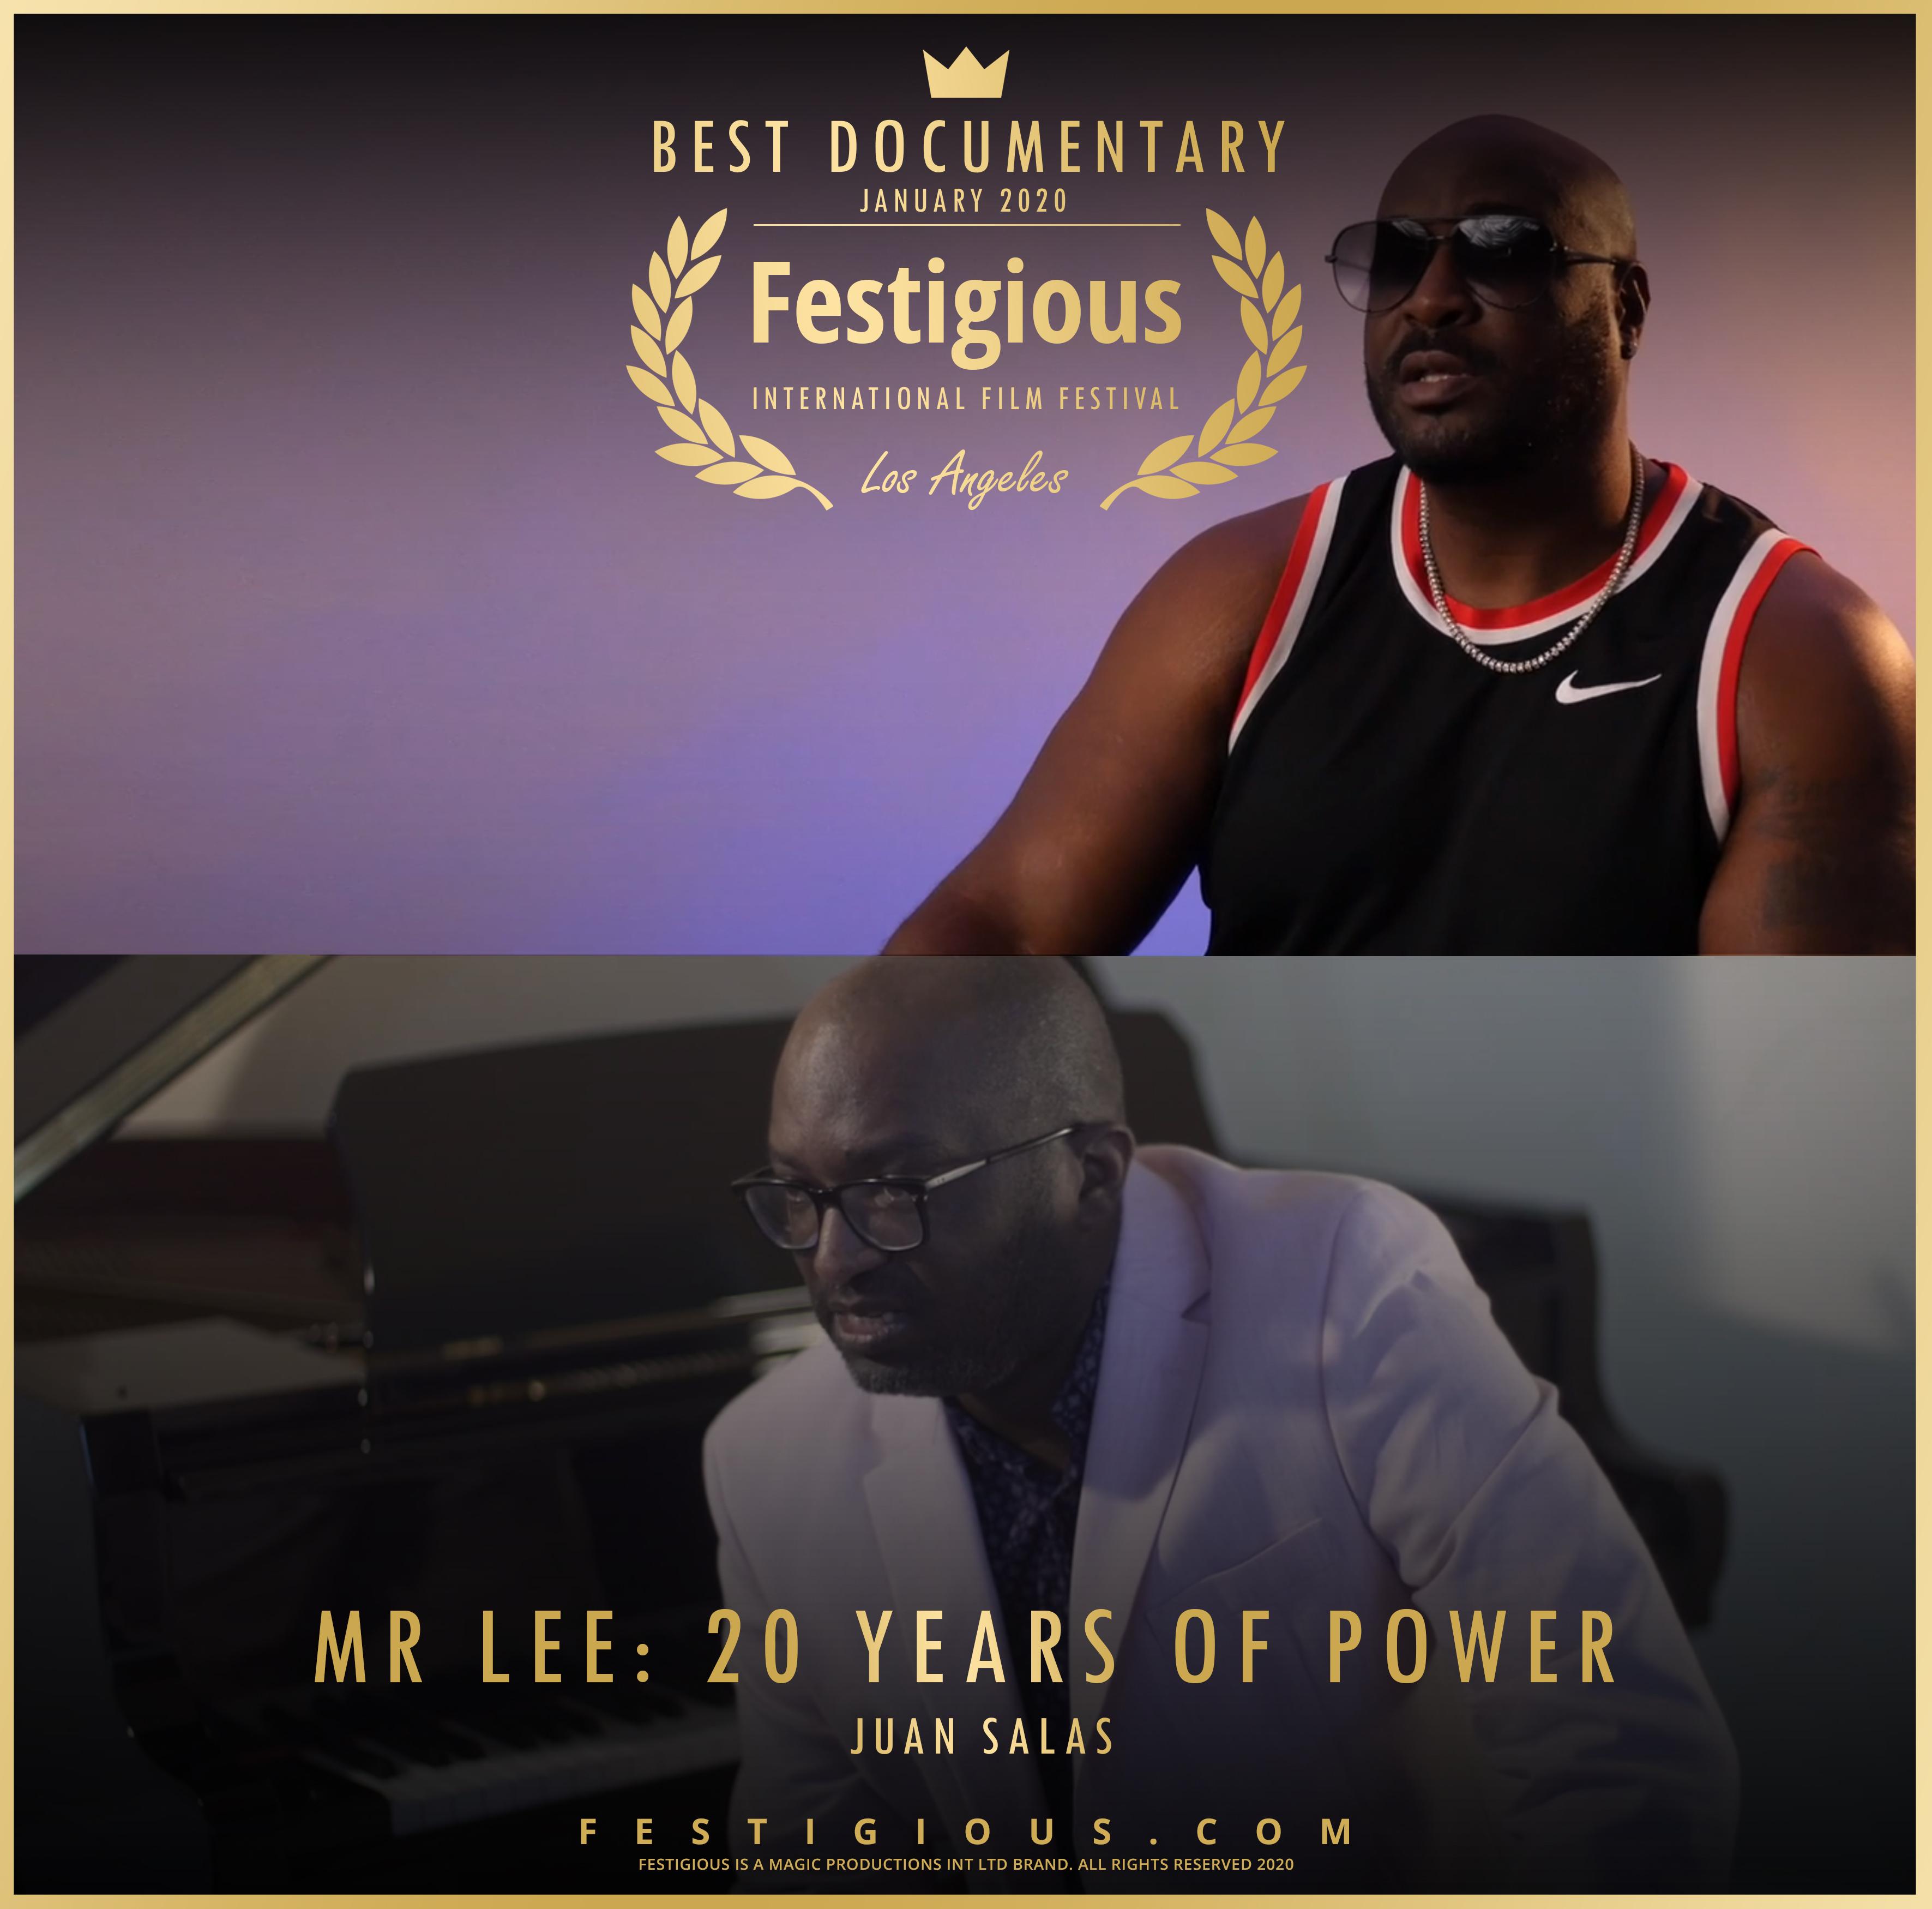 Mr Lee 20 Years of Power design